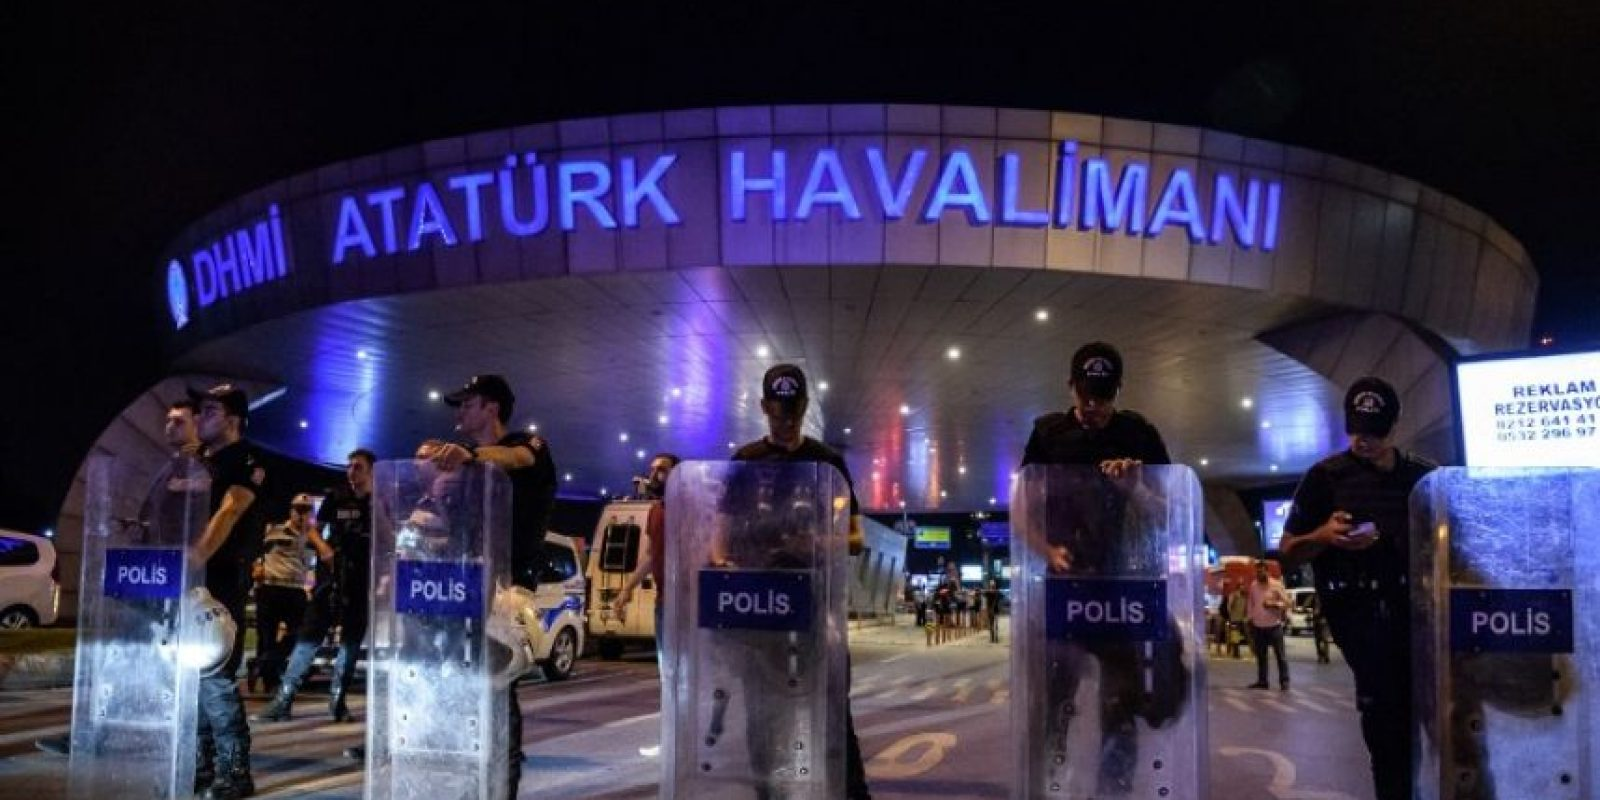 Las imágenes que nos dejó el atentado en el aeropuerto de Ataturk en Turquía Foto:AFP